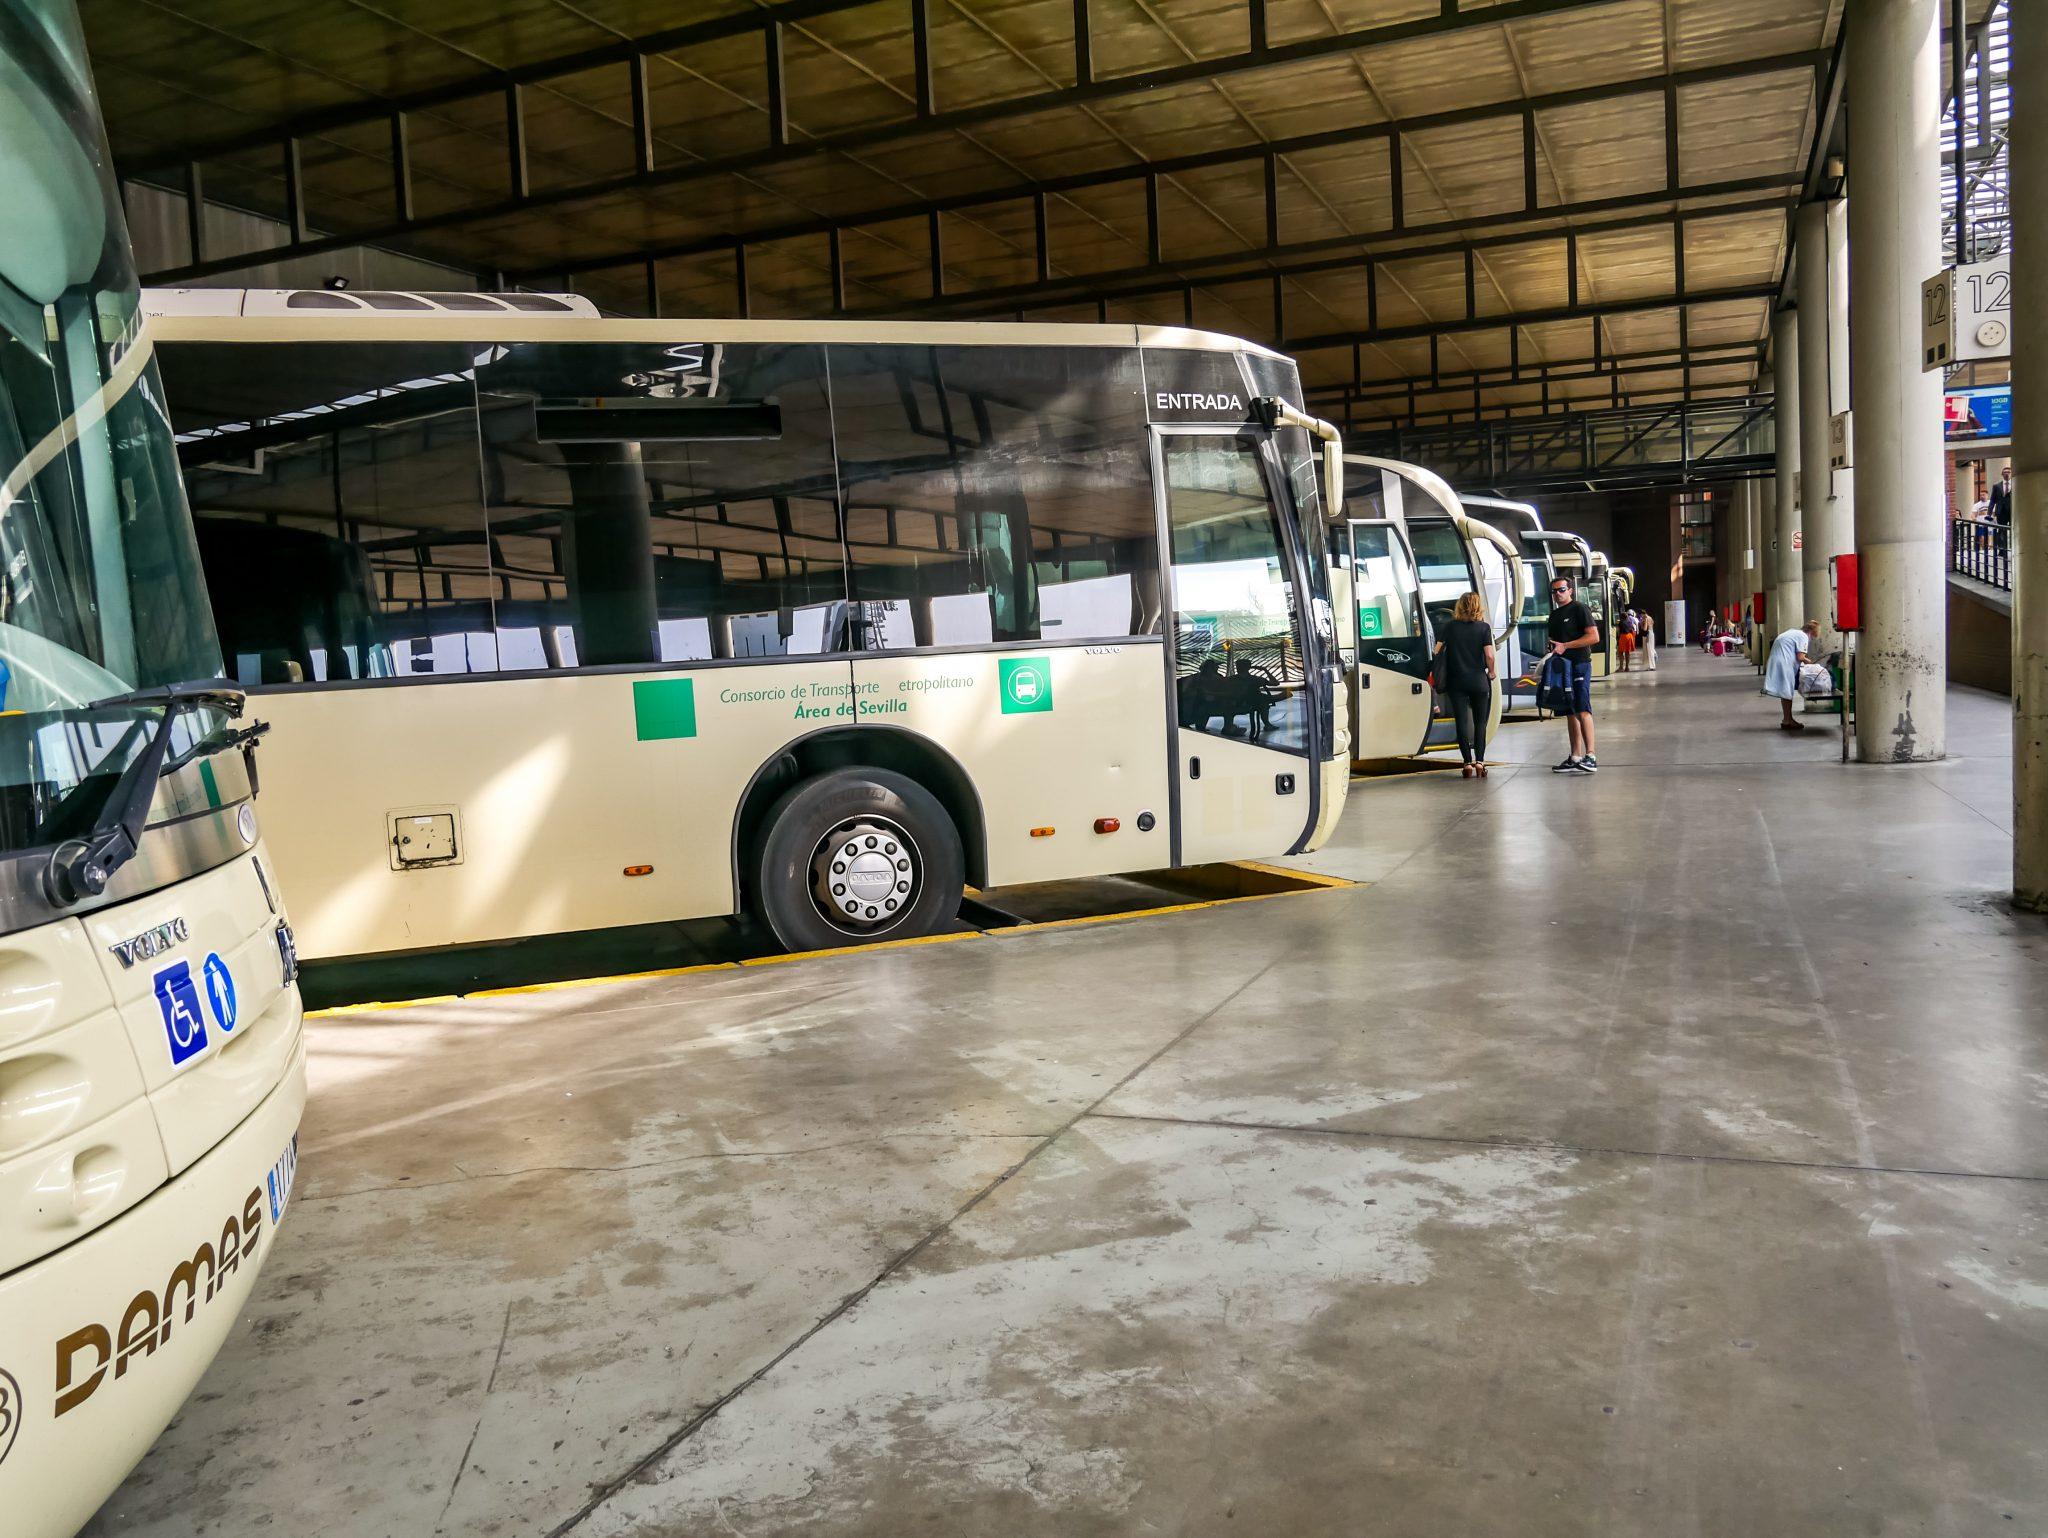 So sehen die Bussteige und viele der Busse am Plaza de Armas in Sevilla aus.